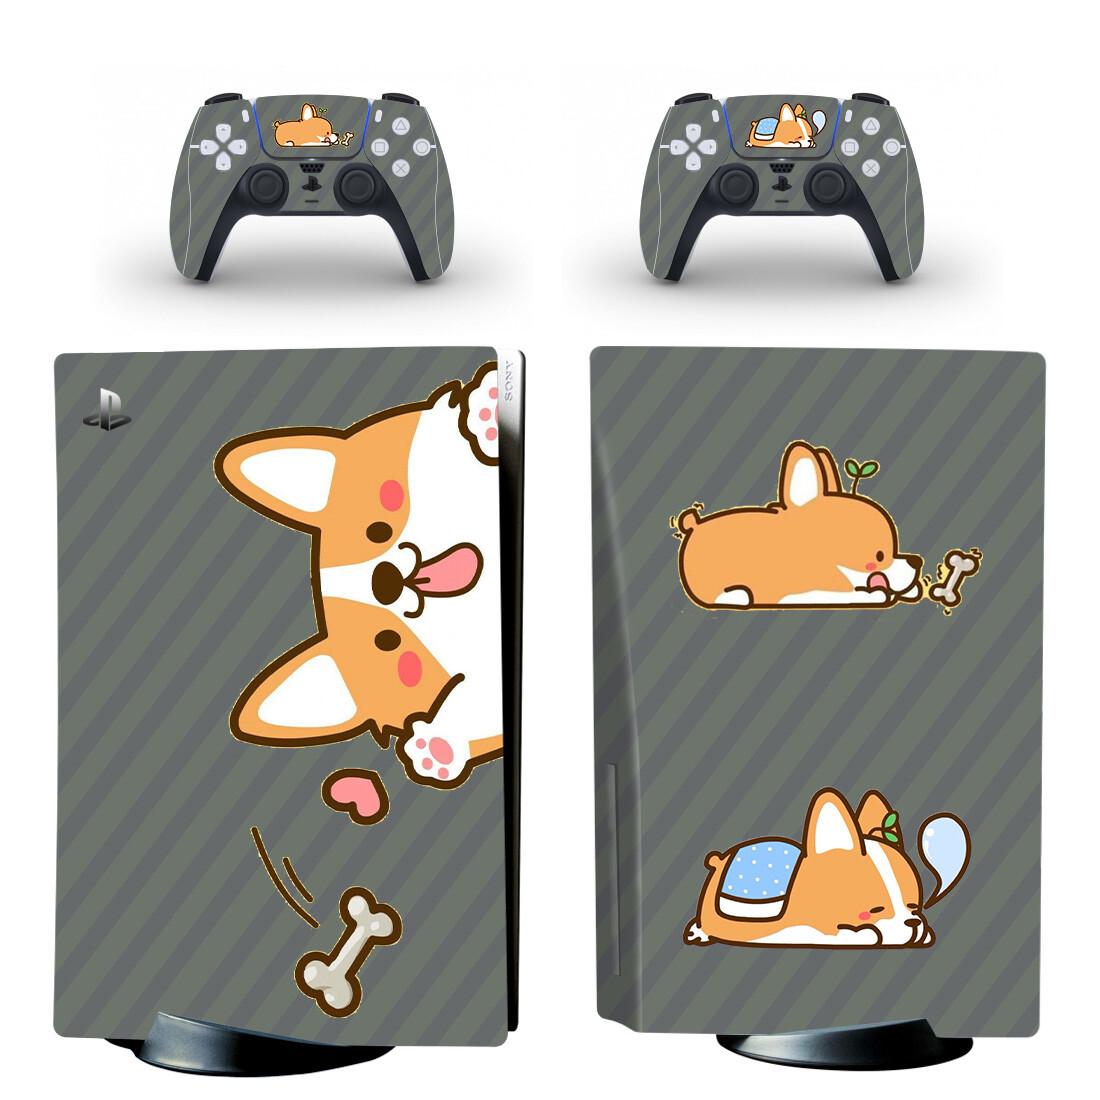 Shiba Inu Cartoon Dog PS5 Skin Sticker Decal Design 3